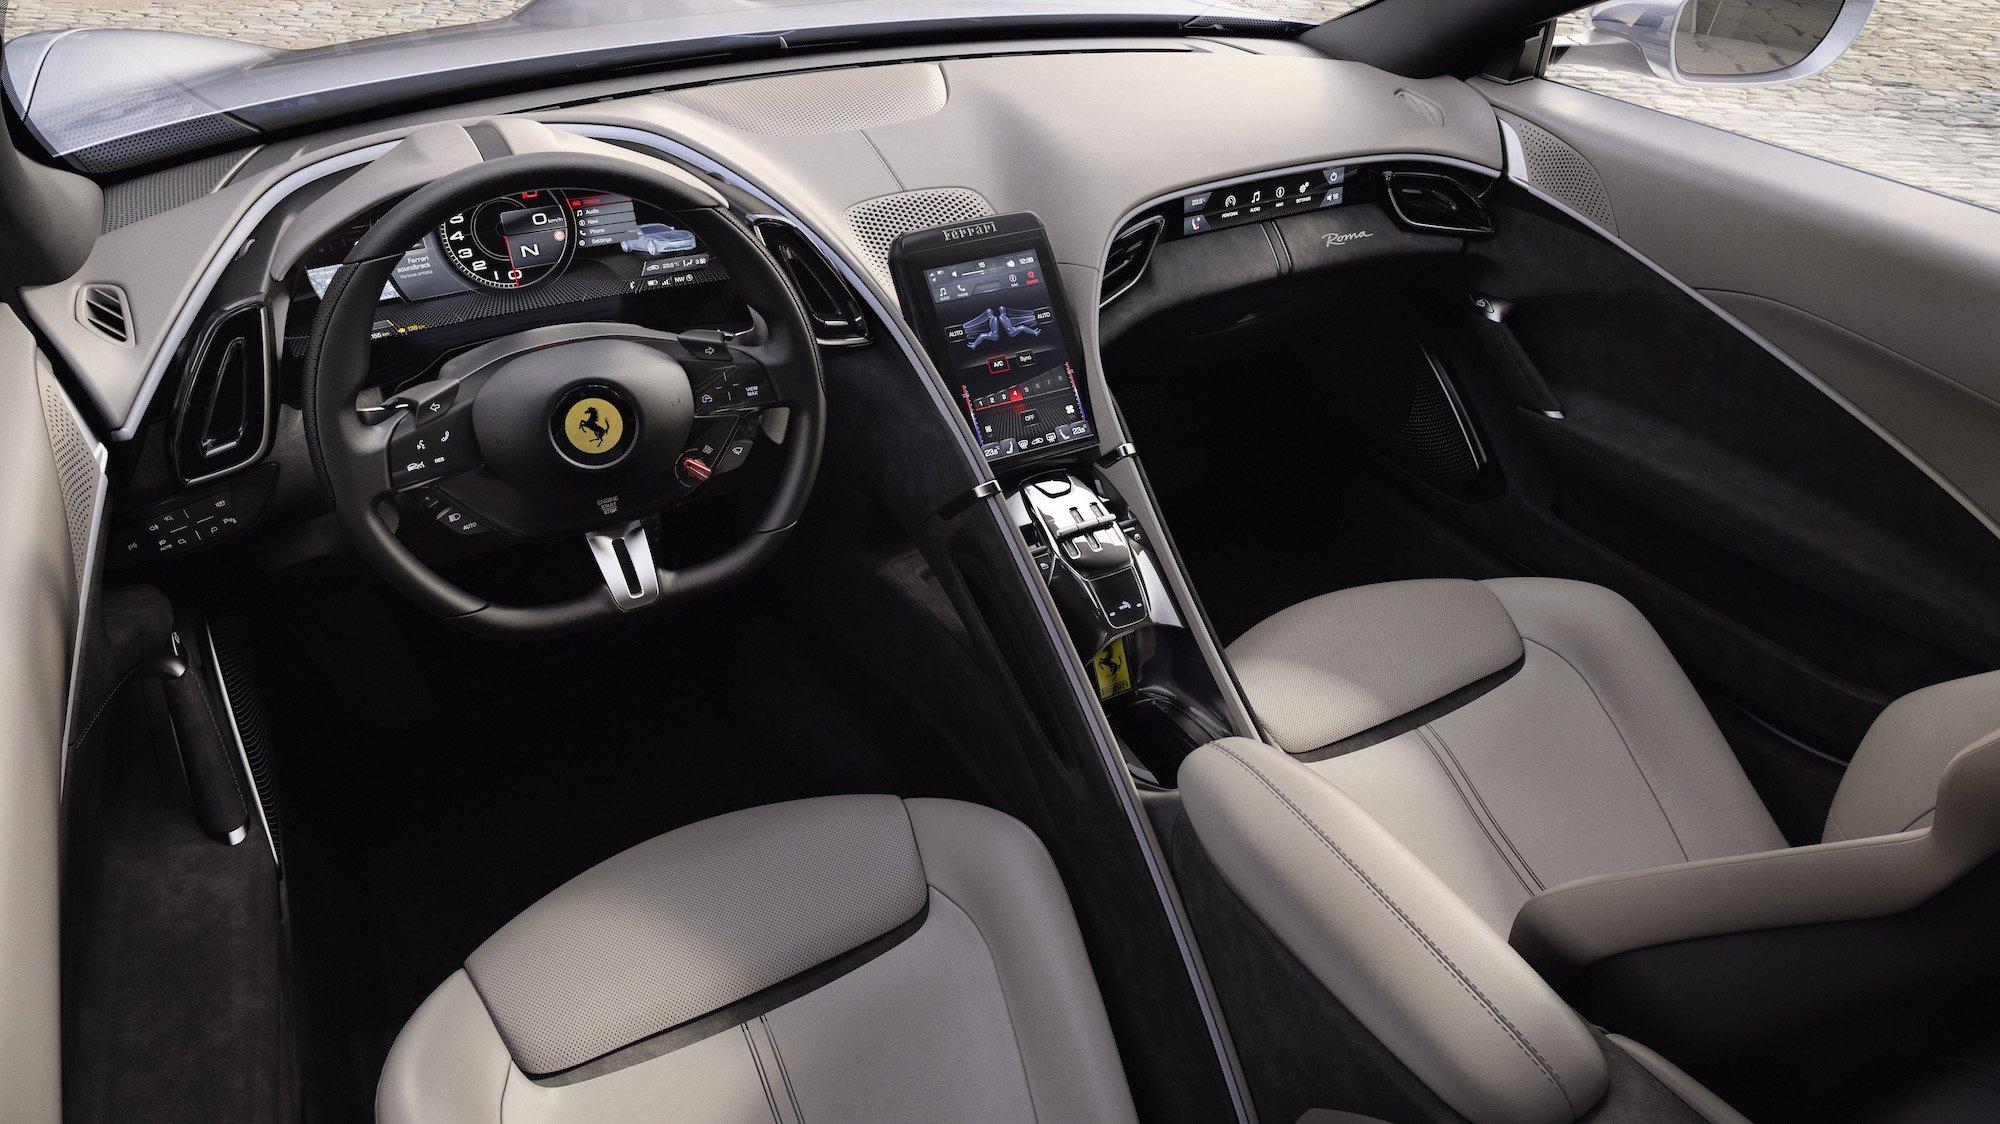 la ferrari ha appena presentato il suo nuovo coupe roma ed e uno storditore gara 3 - La Ferrari ha appena presentato il suo nuovo coupé Roma